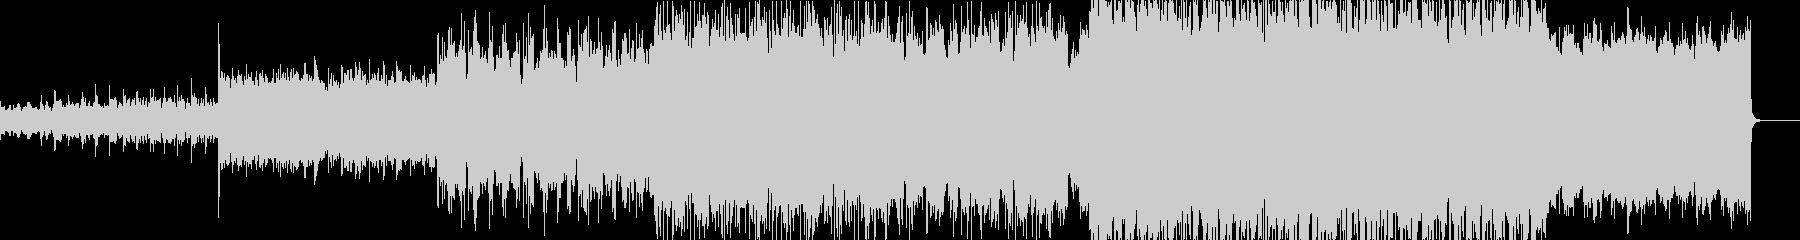 シネマティックなミディアムエレクトロの未再生の波形